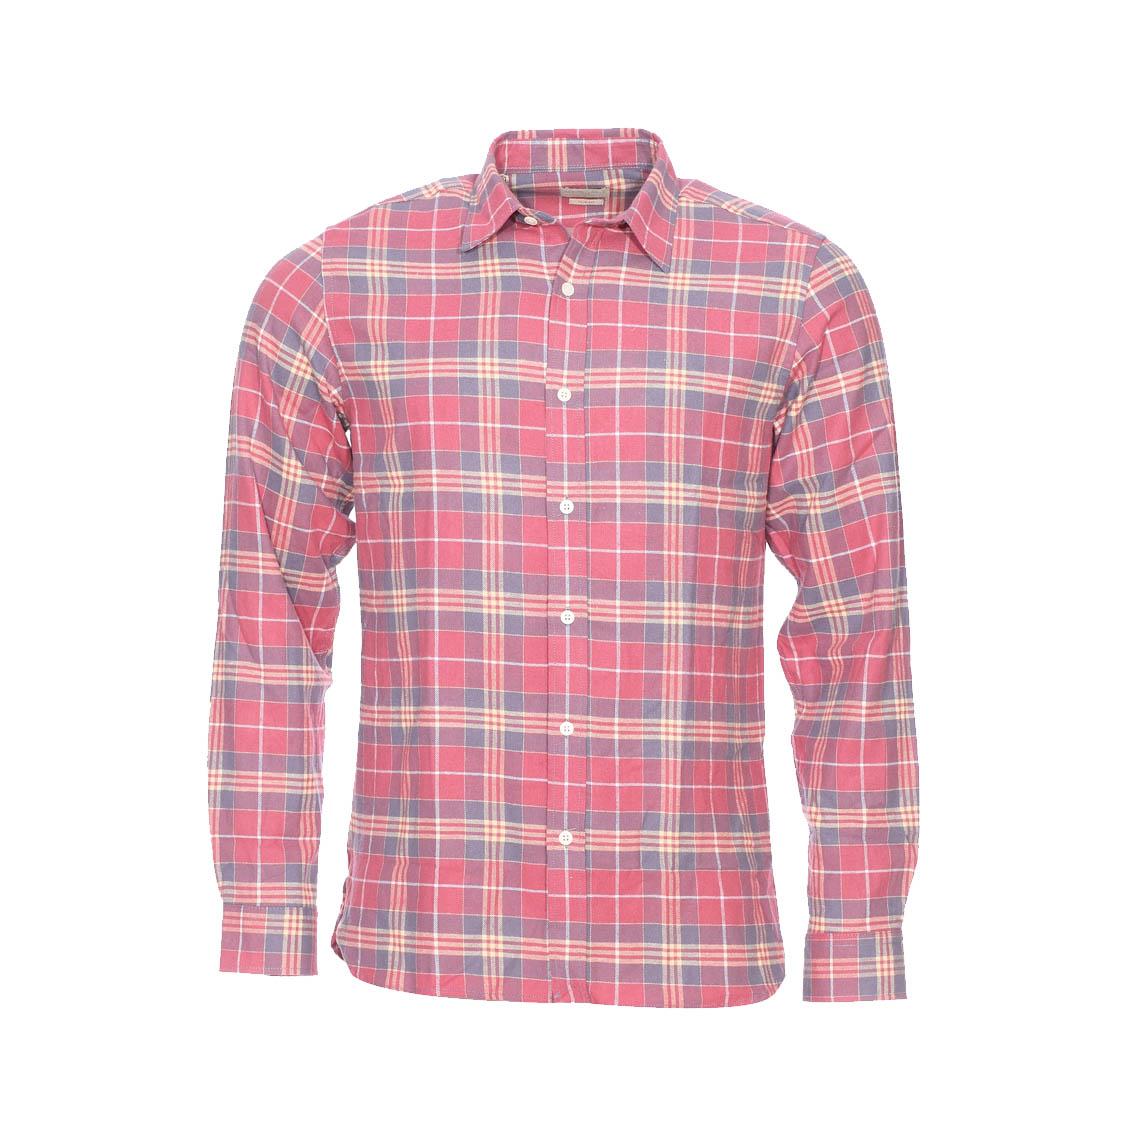 Chemise cintrée  en jersey de coton doux à carreaux rose pâle, beiges et gris